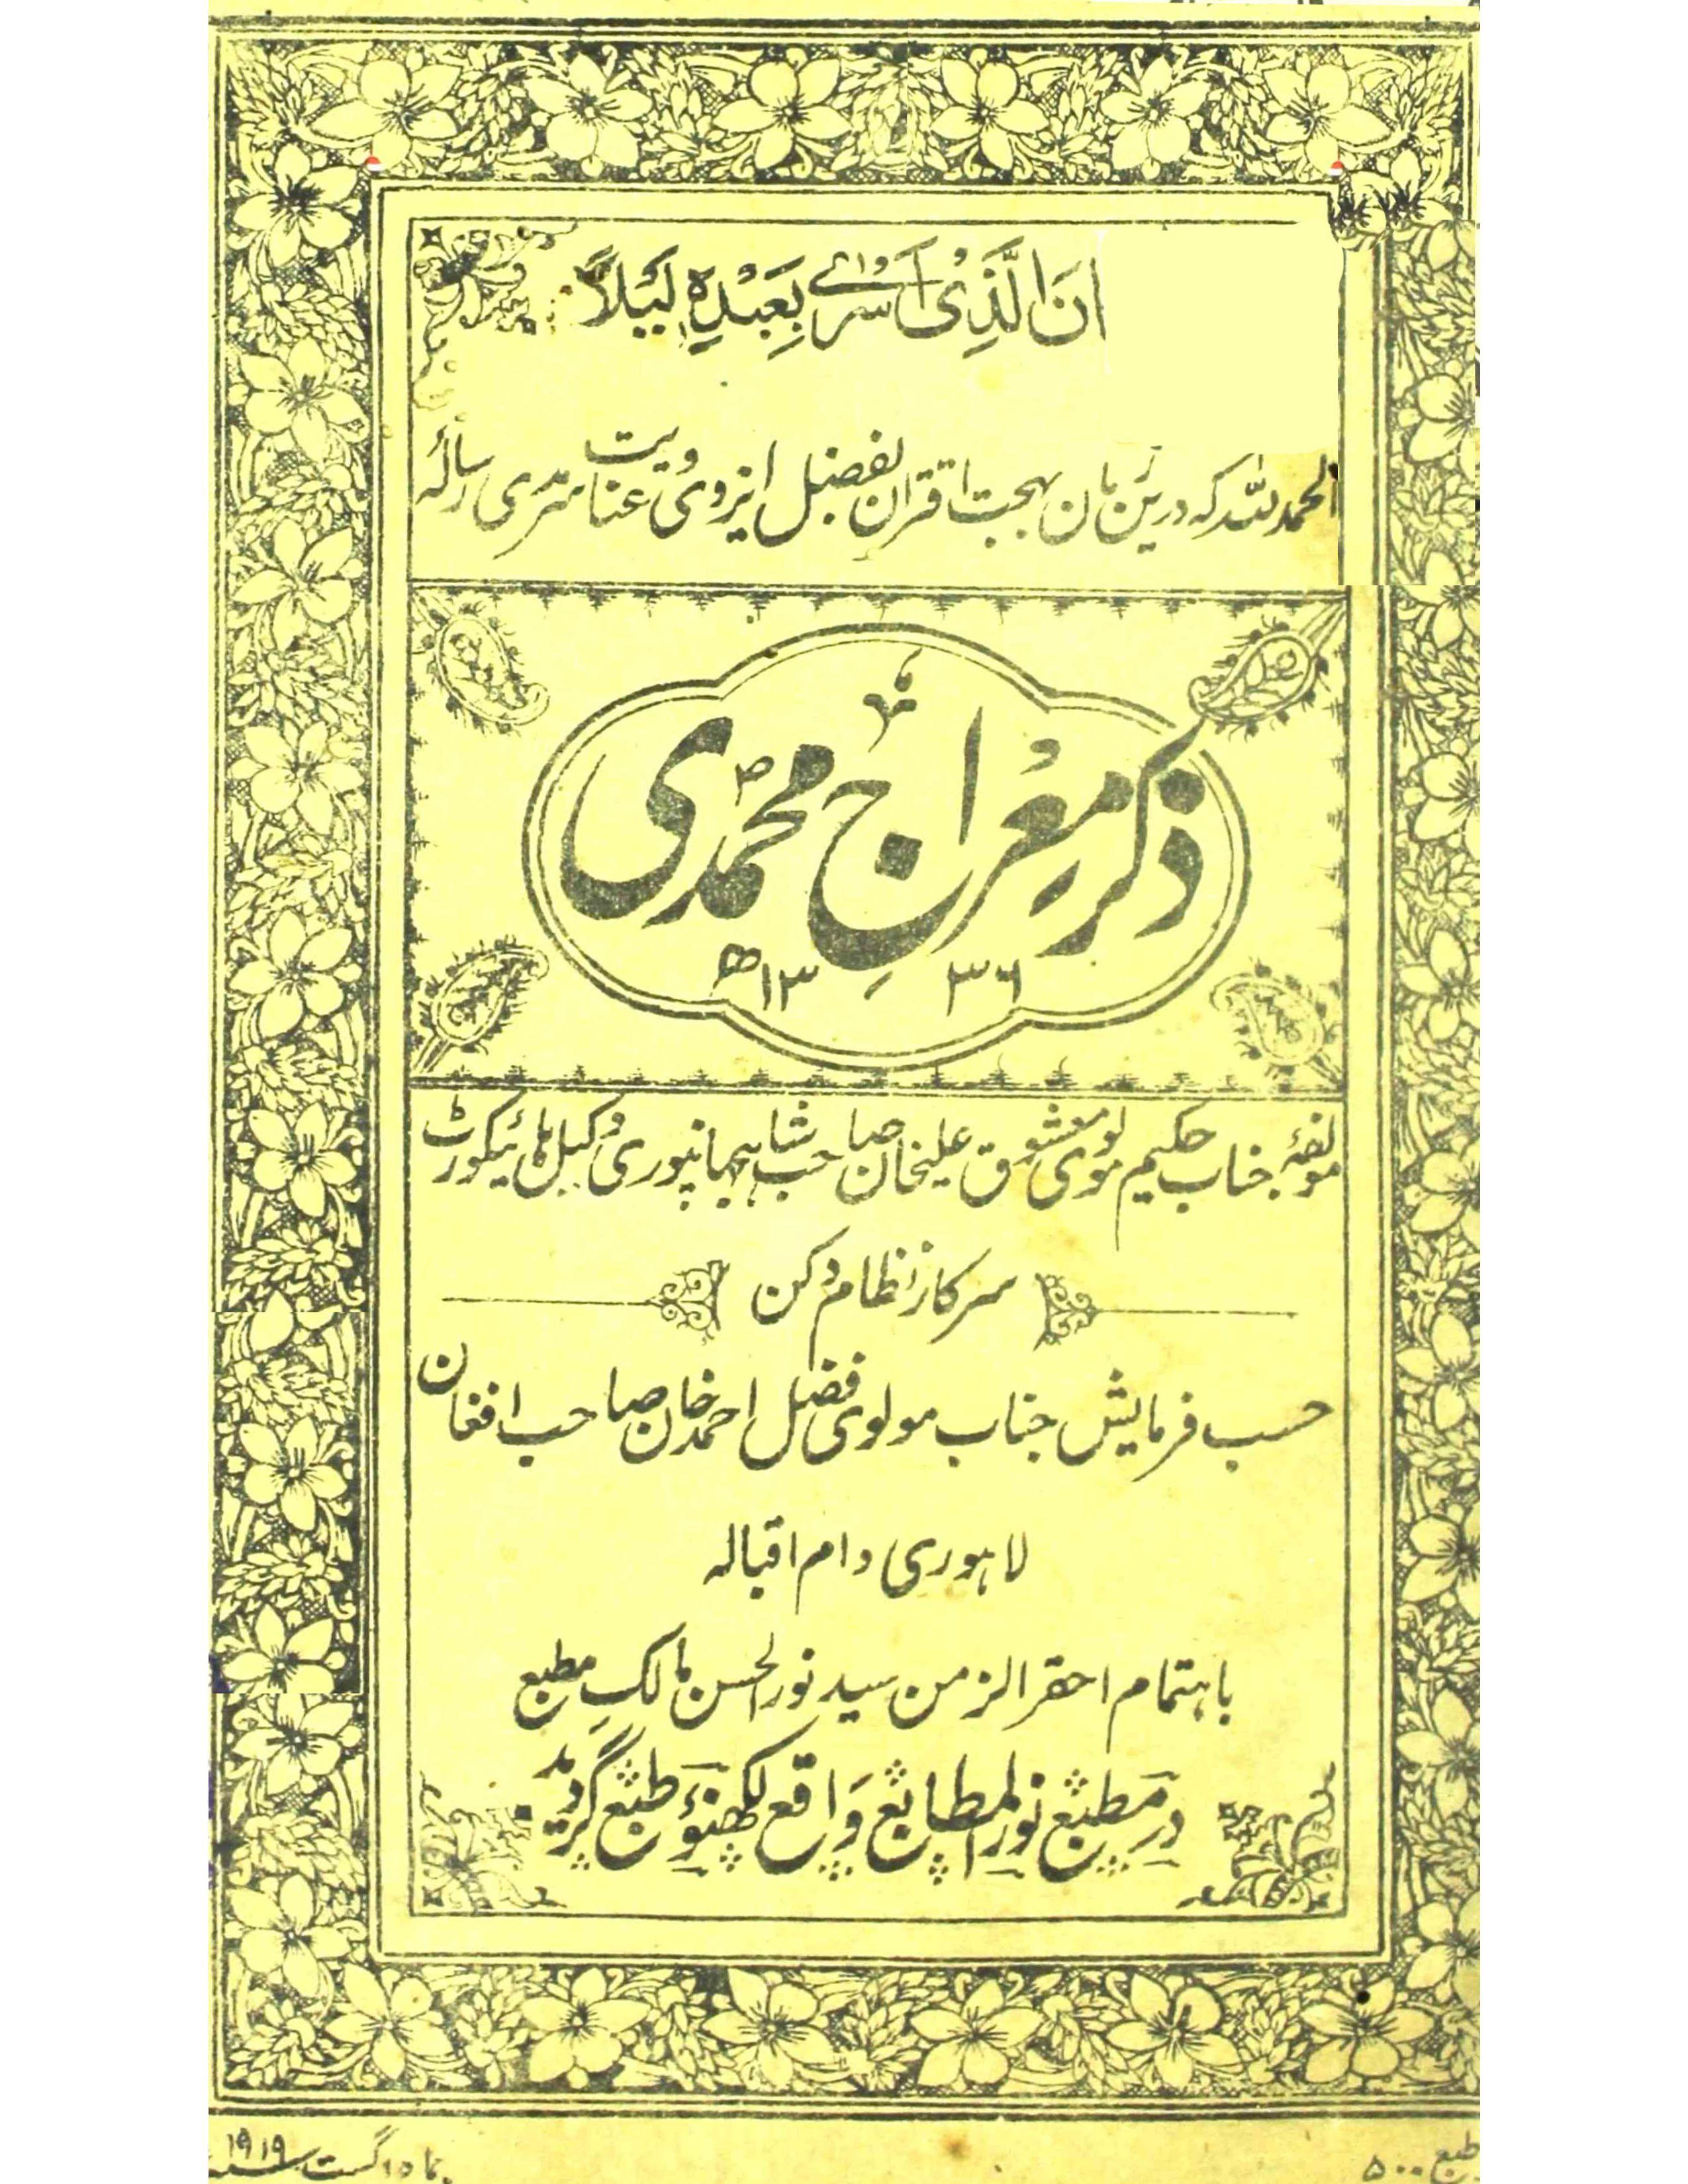 Zikr-e-Meraj-e-Mohammadi